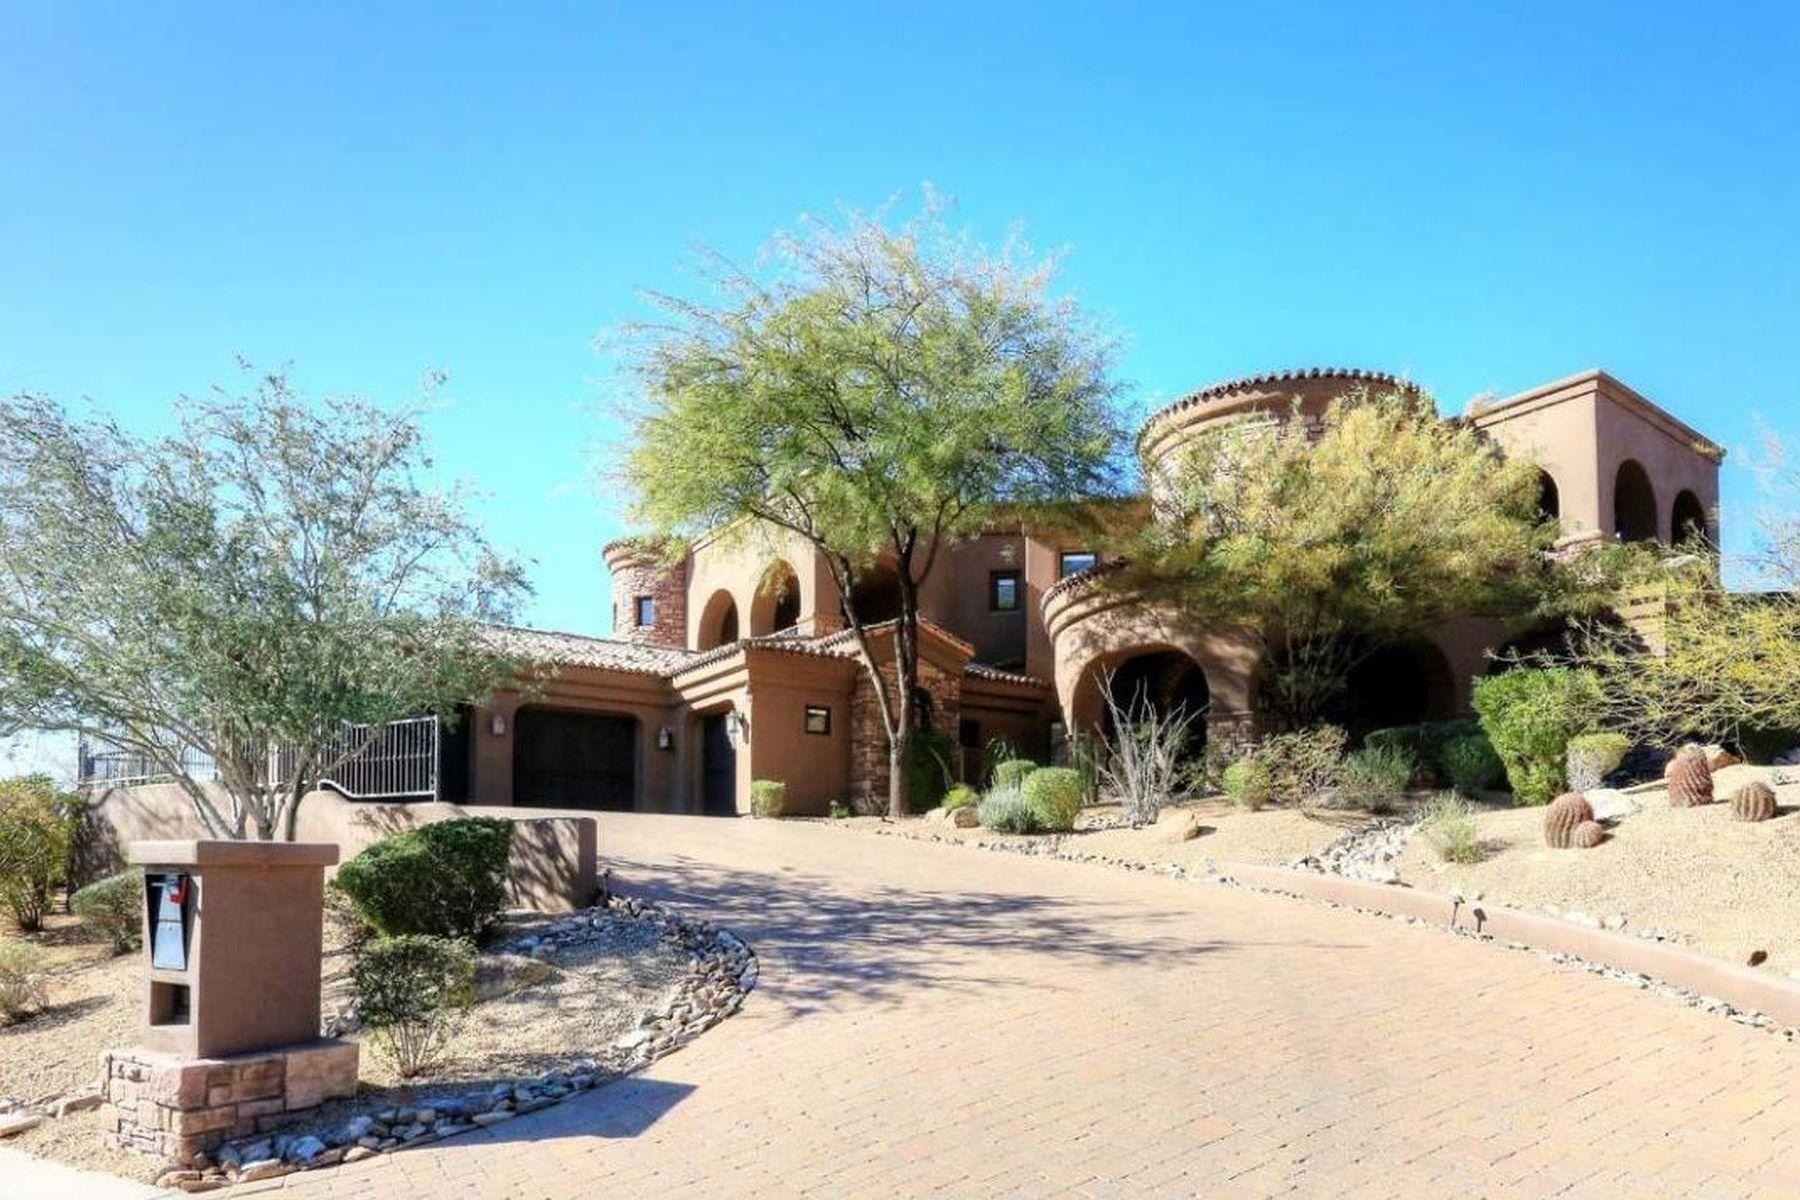 Villa per Vendita alle ore Incredible Scottsdale Mountain Home 12670 N 128TH PL, Scottsdale, Arizona, 85259 Stati Uniti